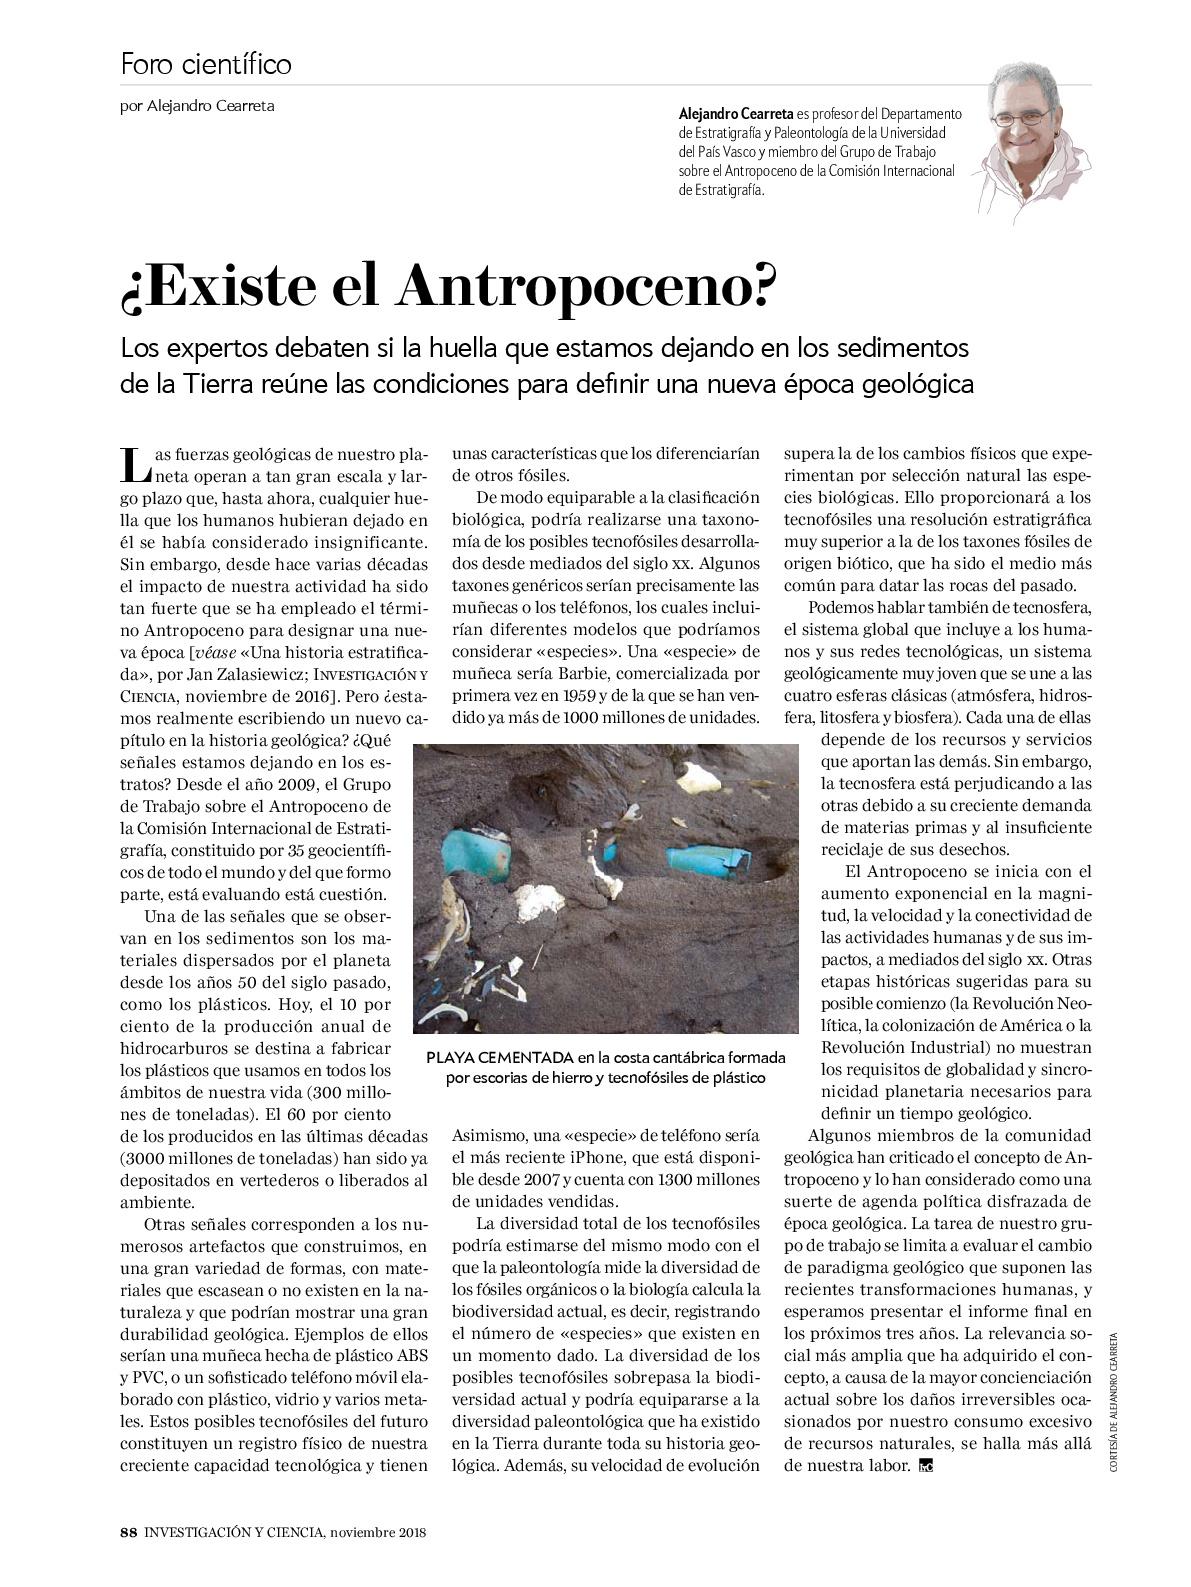 existe el antropoceno IyCnov18-001